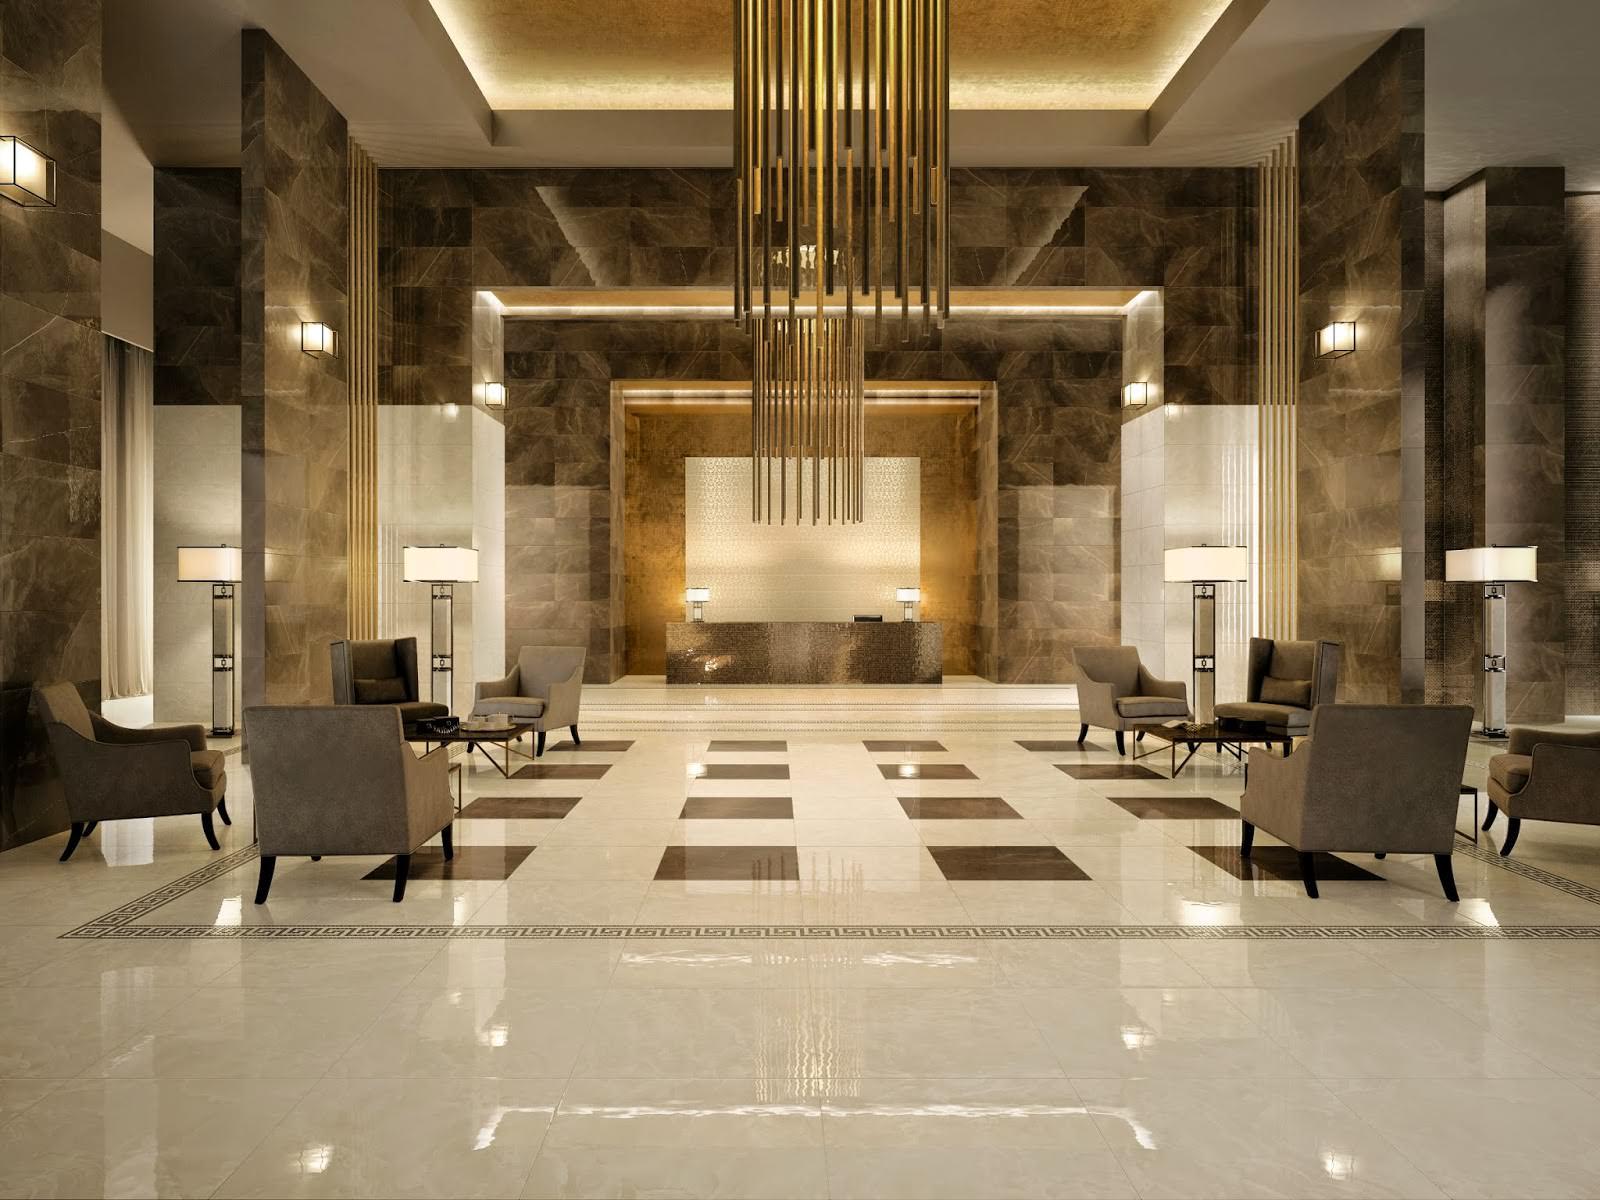 commercial kitchen ceiling tiles hgtv makeover 15+ italian flooring designs | floor design ...